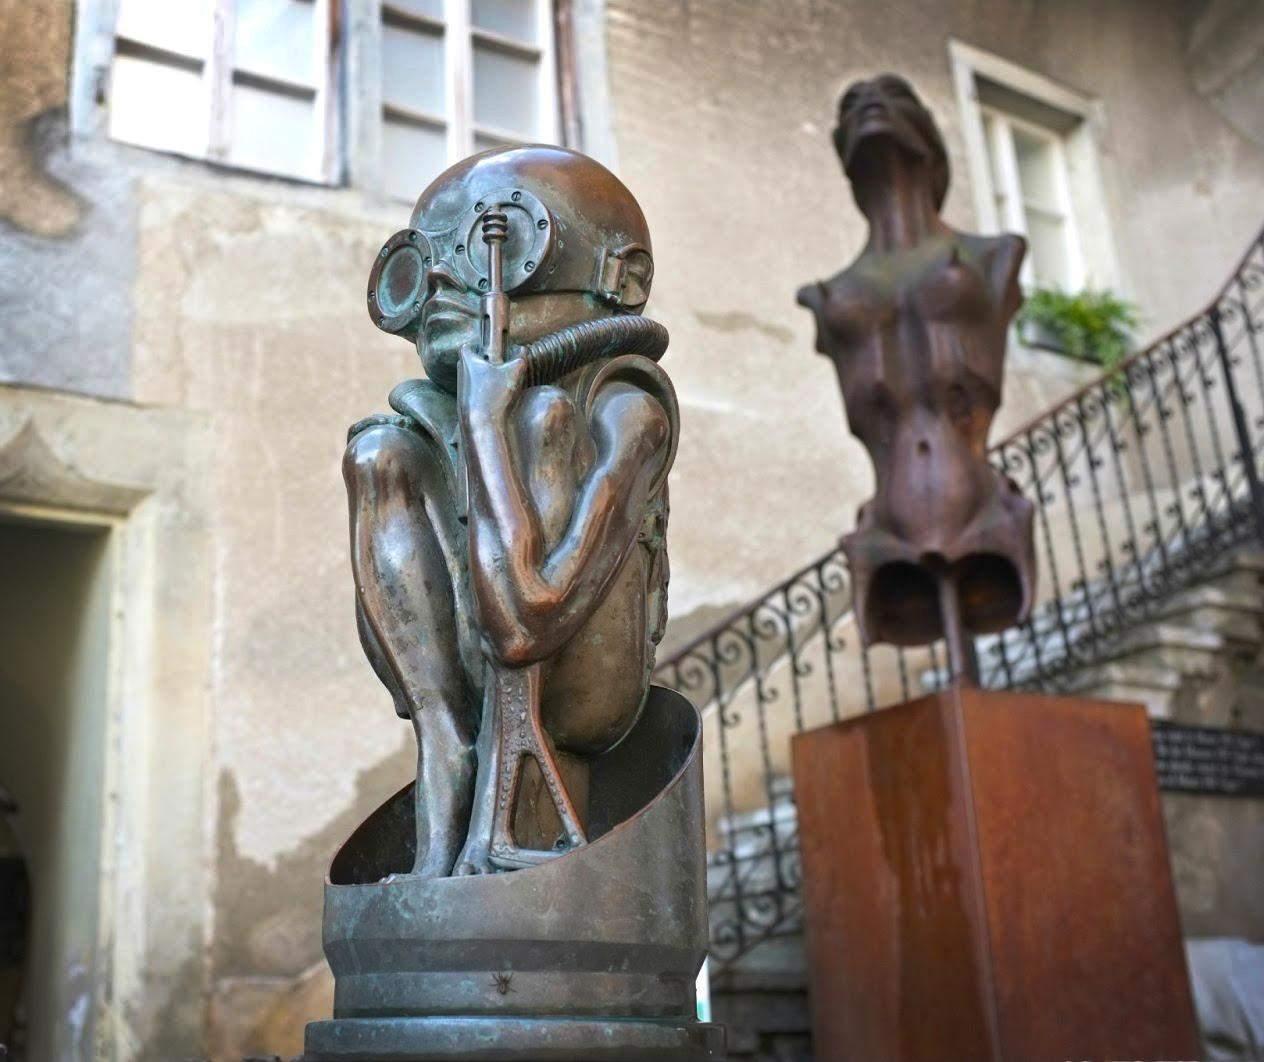 На входе посетителей встречает жуткая скульптура